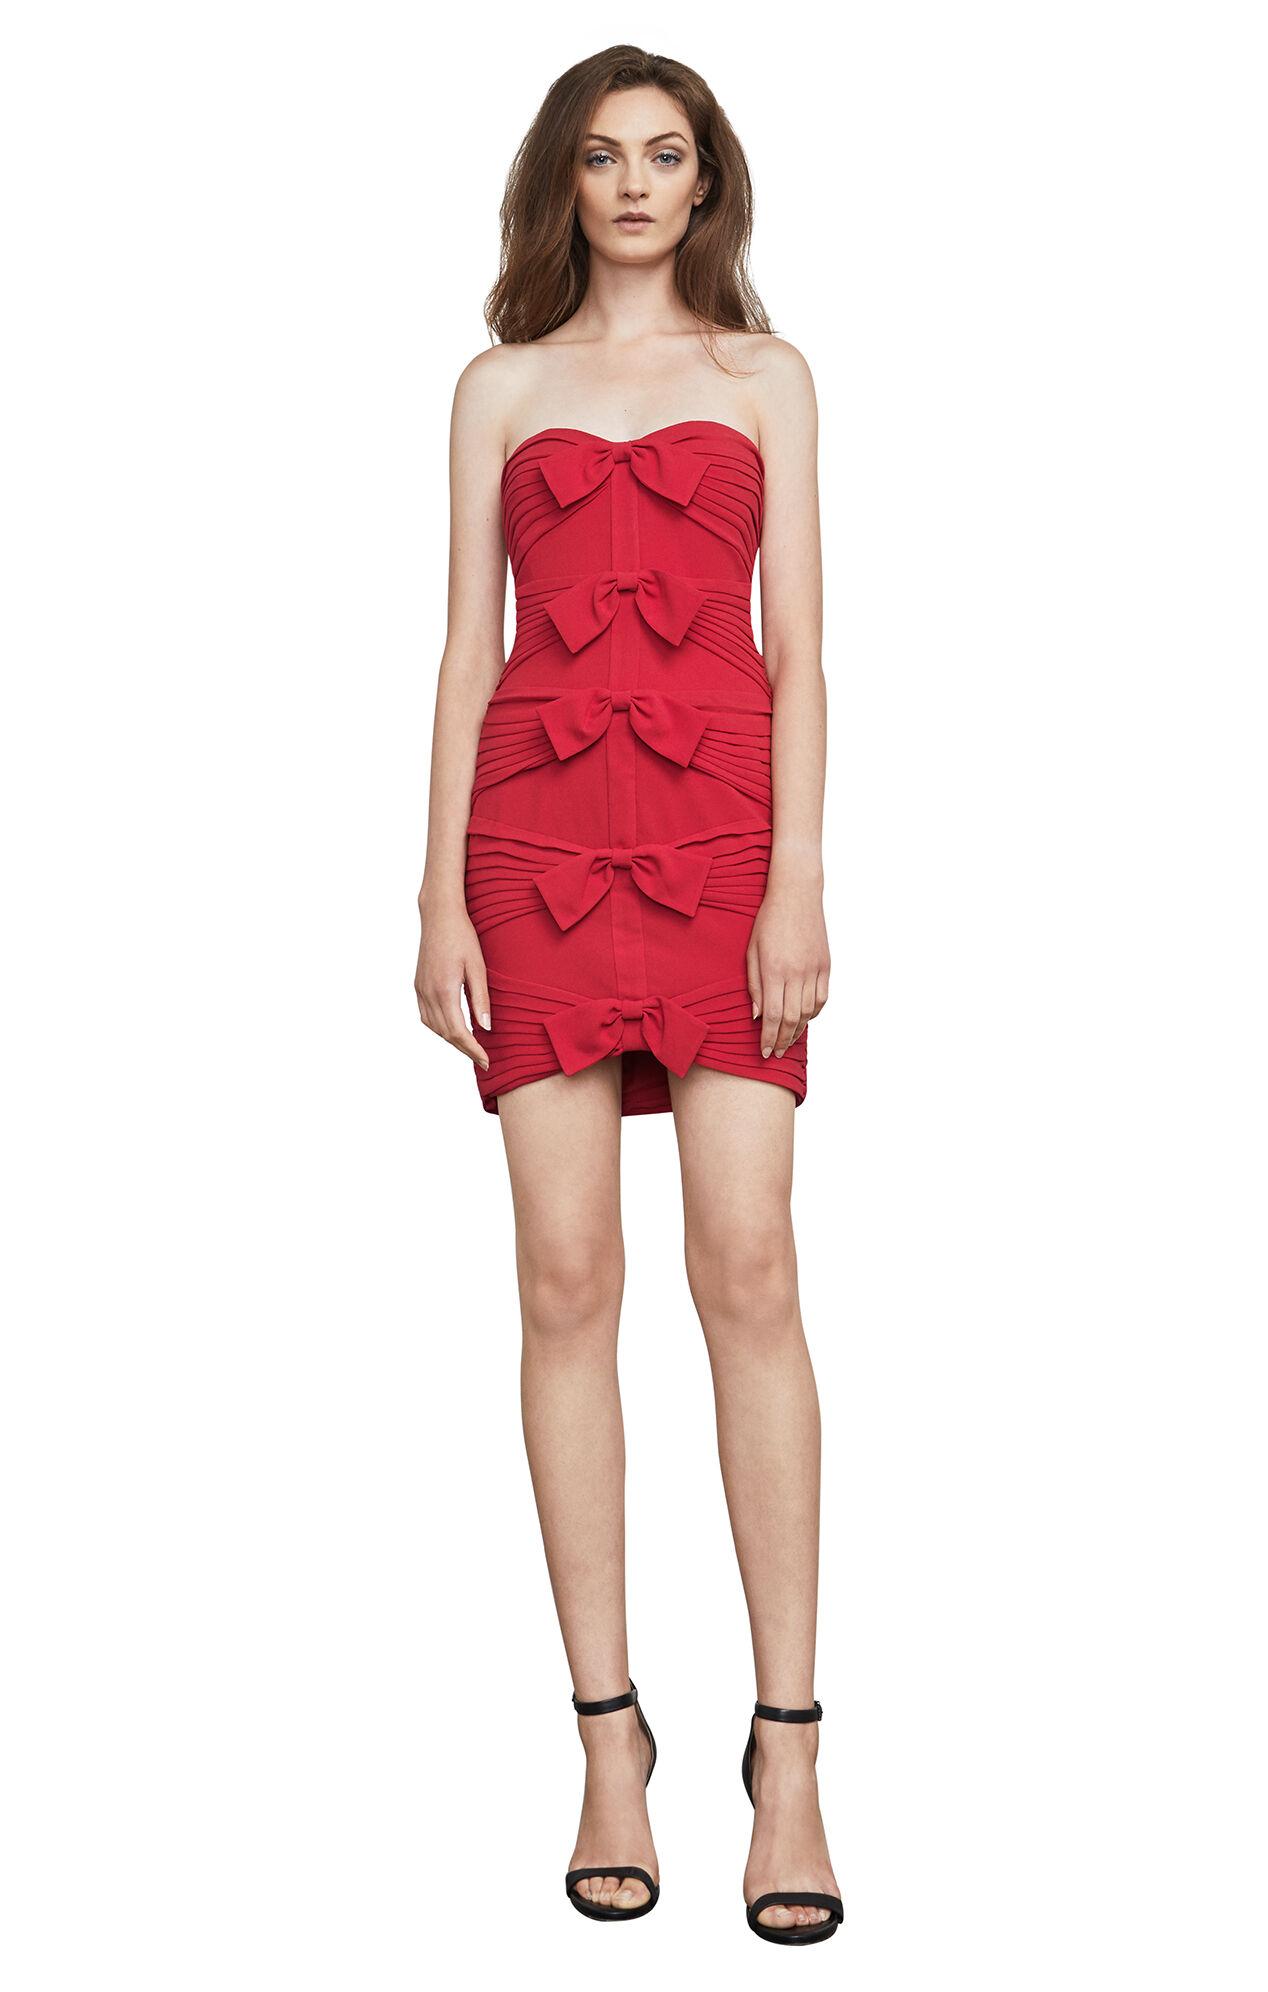 Sabrinna Strapless Bow-Tie Dress